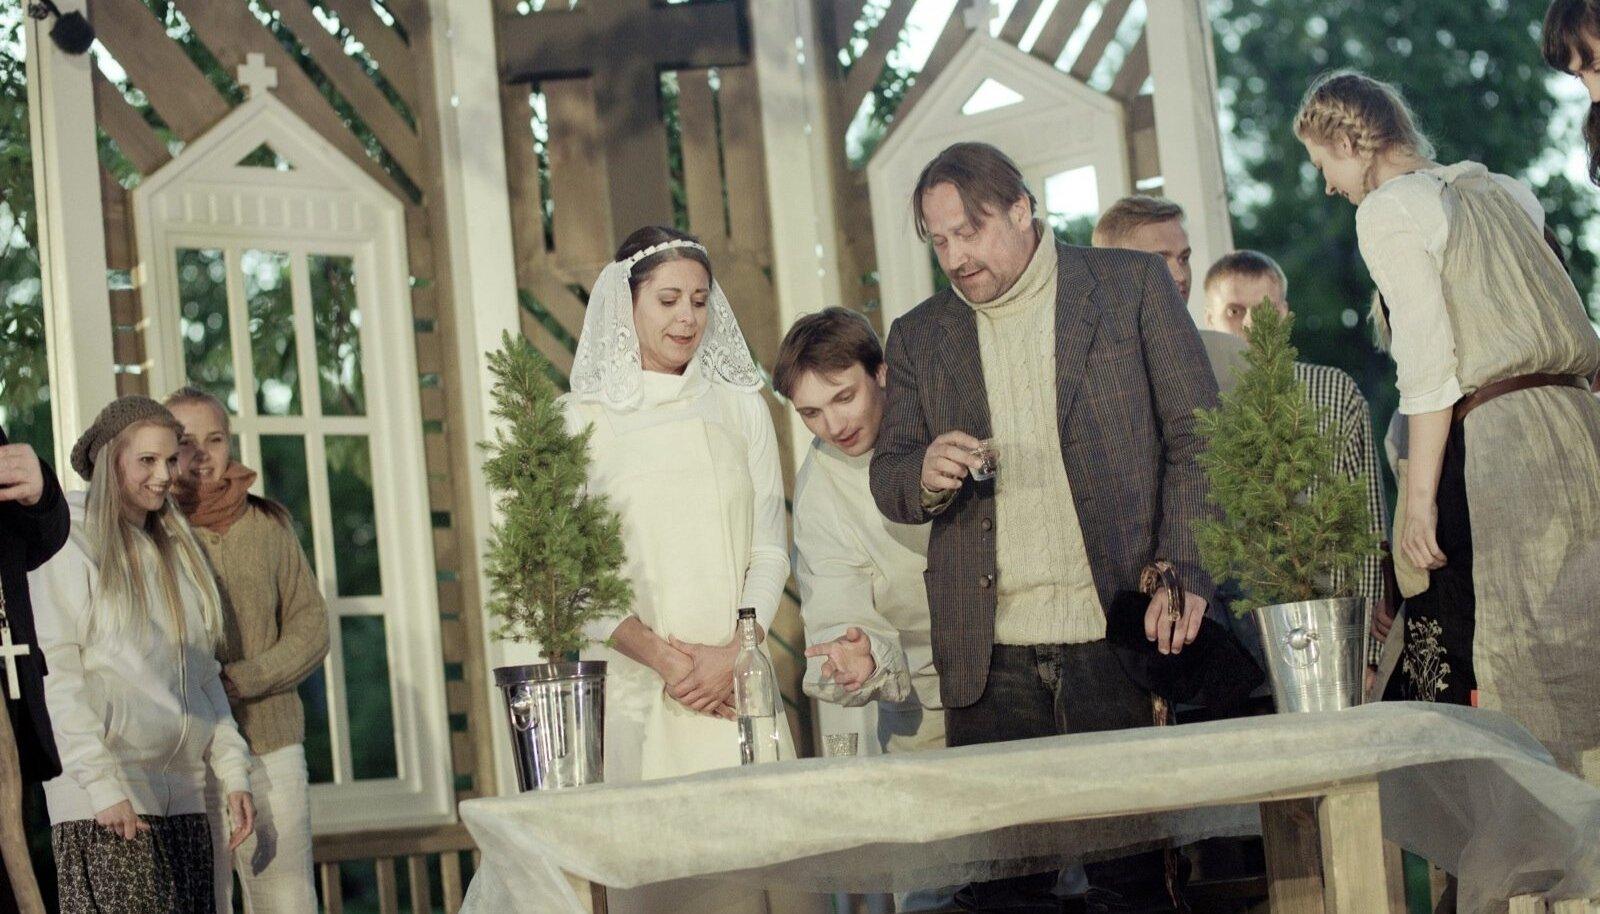 Üllar Saaremäe roll küla looja ja vanema Eemeli Toropainenina on üks näitleja võimsamaid. Ülle Lichtfeldt esines heas mõttes stambis.